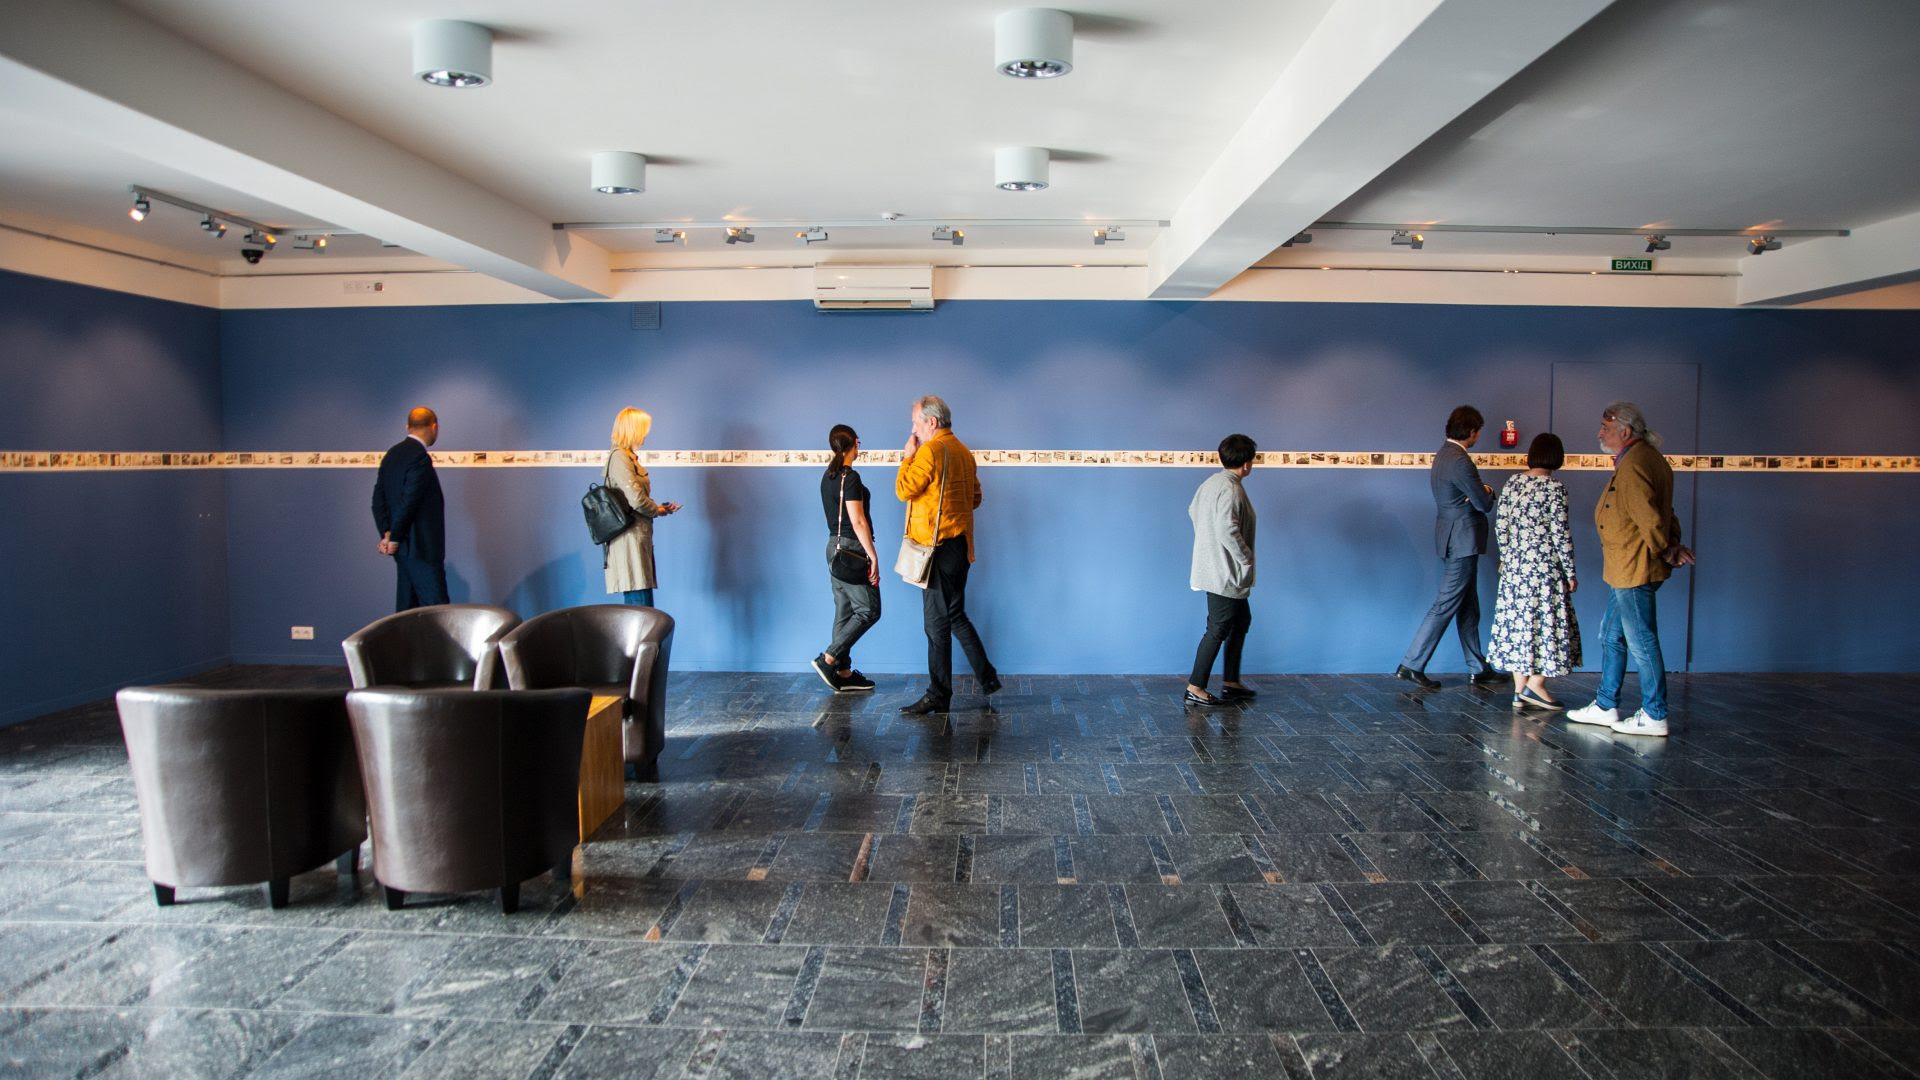 СлободаКульт: в ILKO Gallery відкрили нову виставку